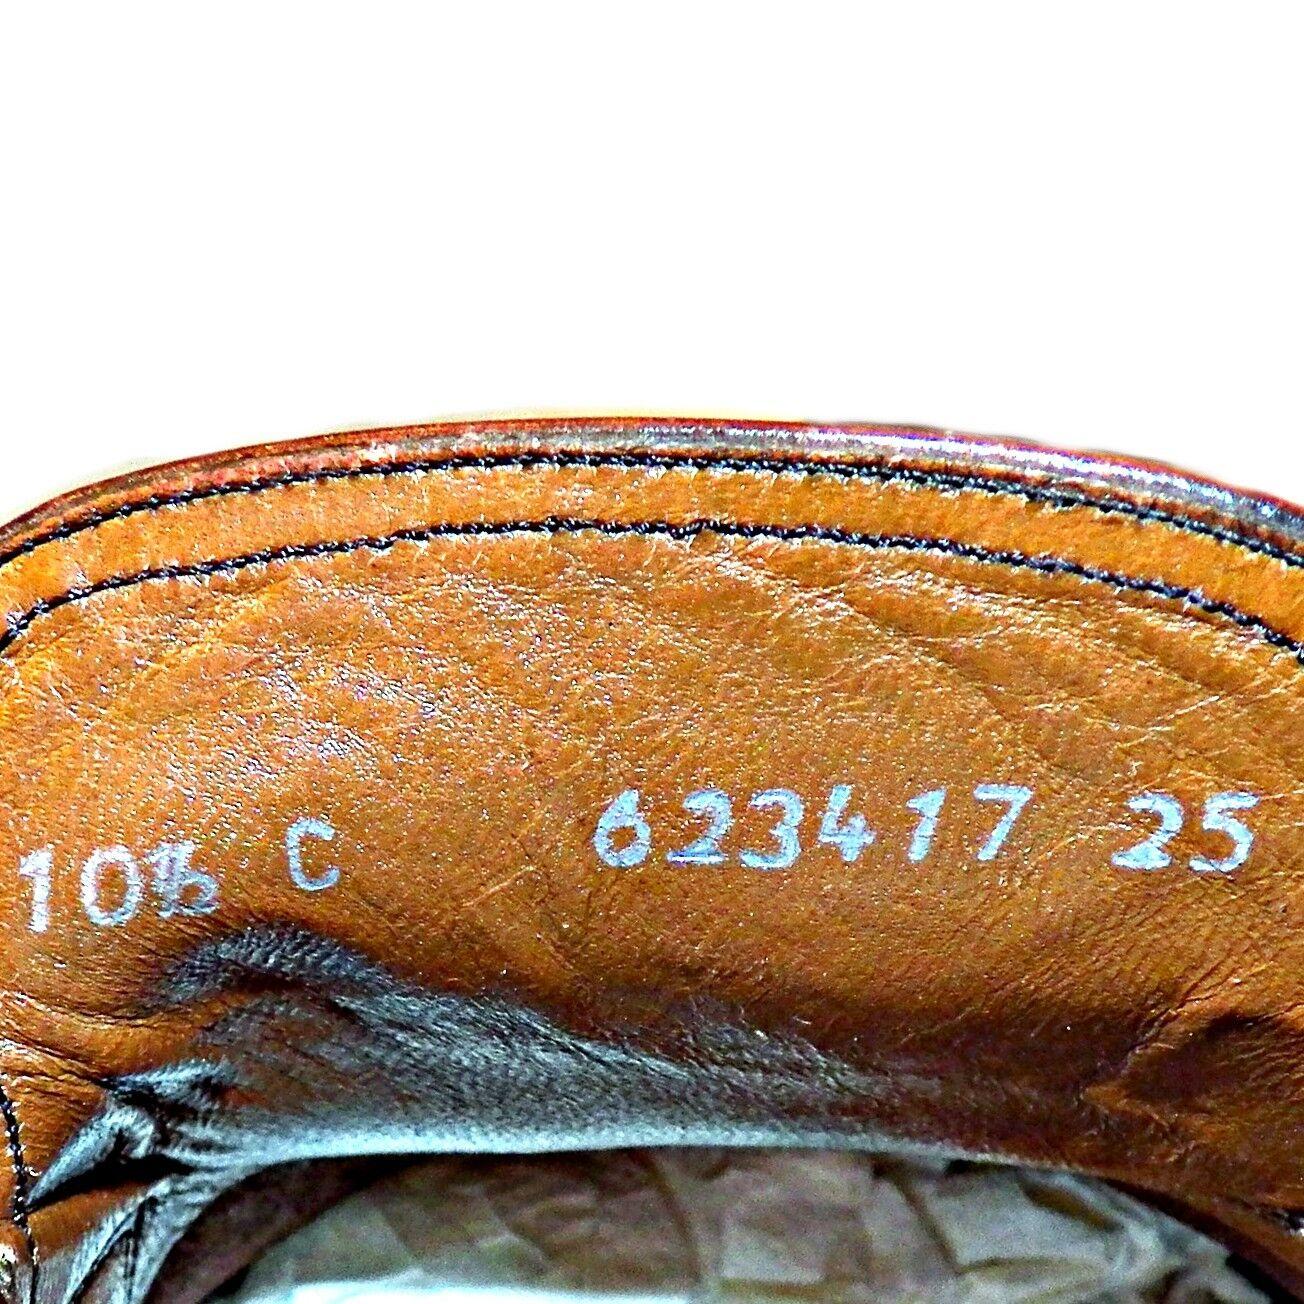 Bally Continentaux Suisse Marron 10.5 Mocassins Cuir 10.5 Marron C Étroit Fait en Italie 4950e3